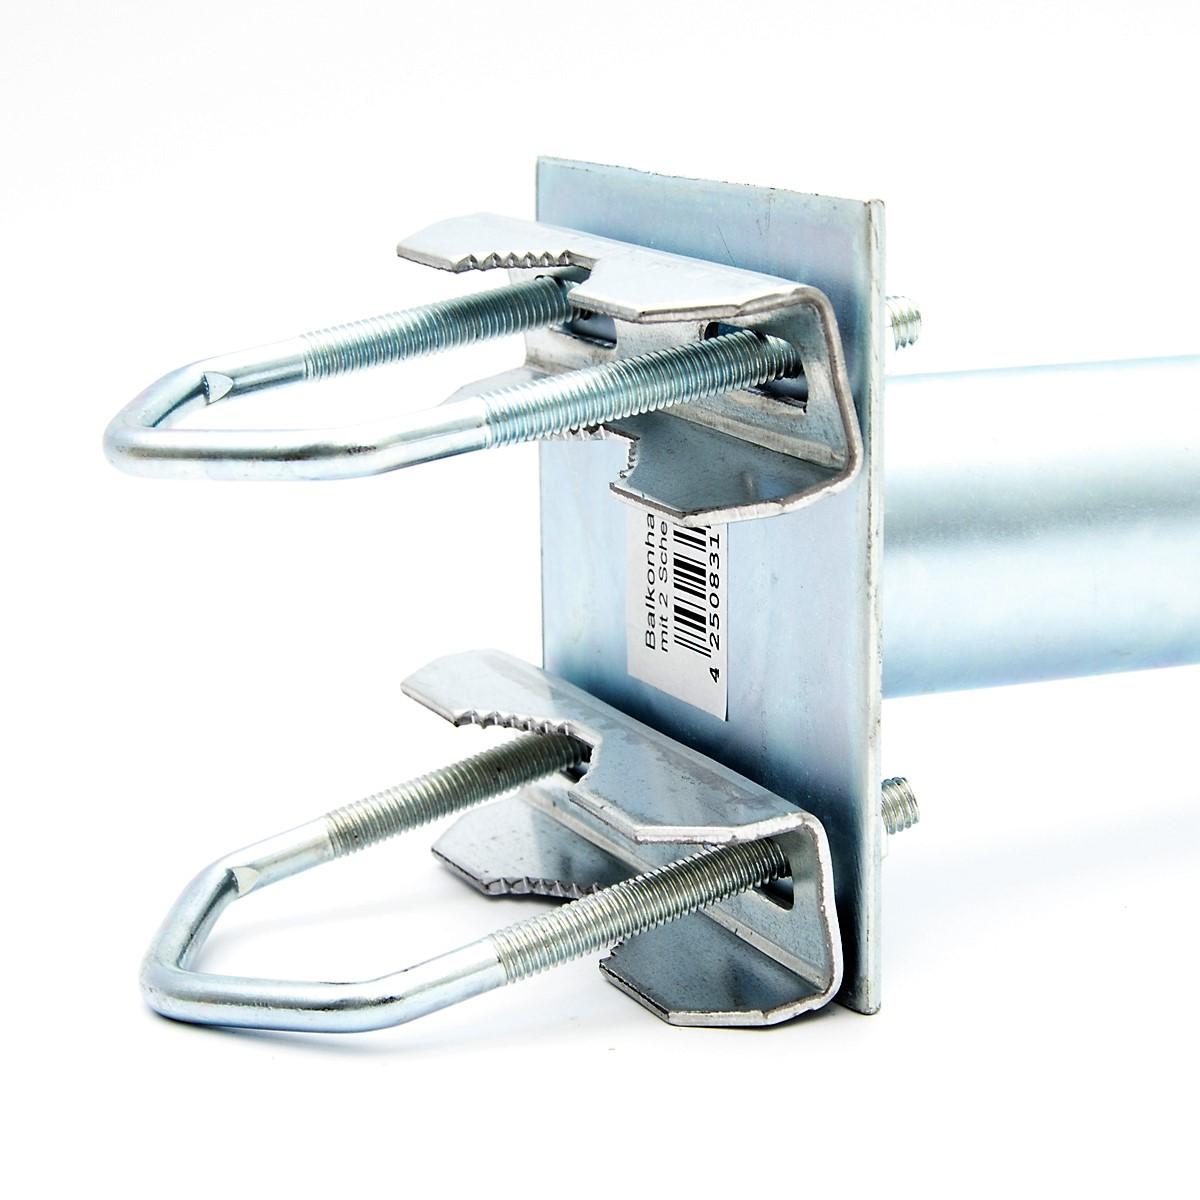 PremiumX 50cm Balkonausleger Stahl Geländerhalter SAT Antenne Balkon-Mast-Halter Ausleger L-Form